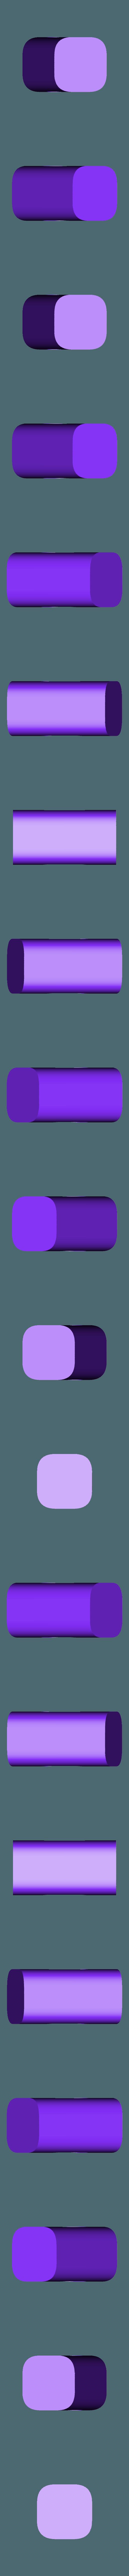 Hammer_v1-3_SMALL_HEAD.STL Download free STL file Hammer • 3D printing model, WalterHsiao